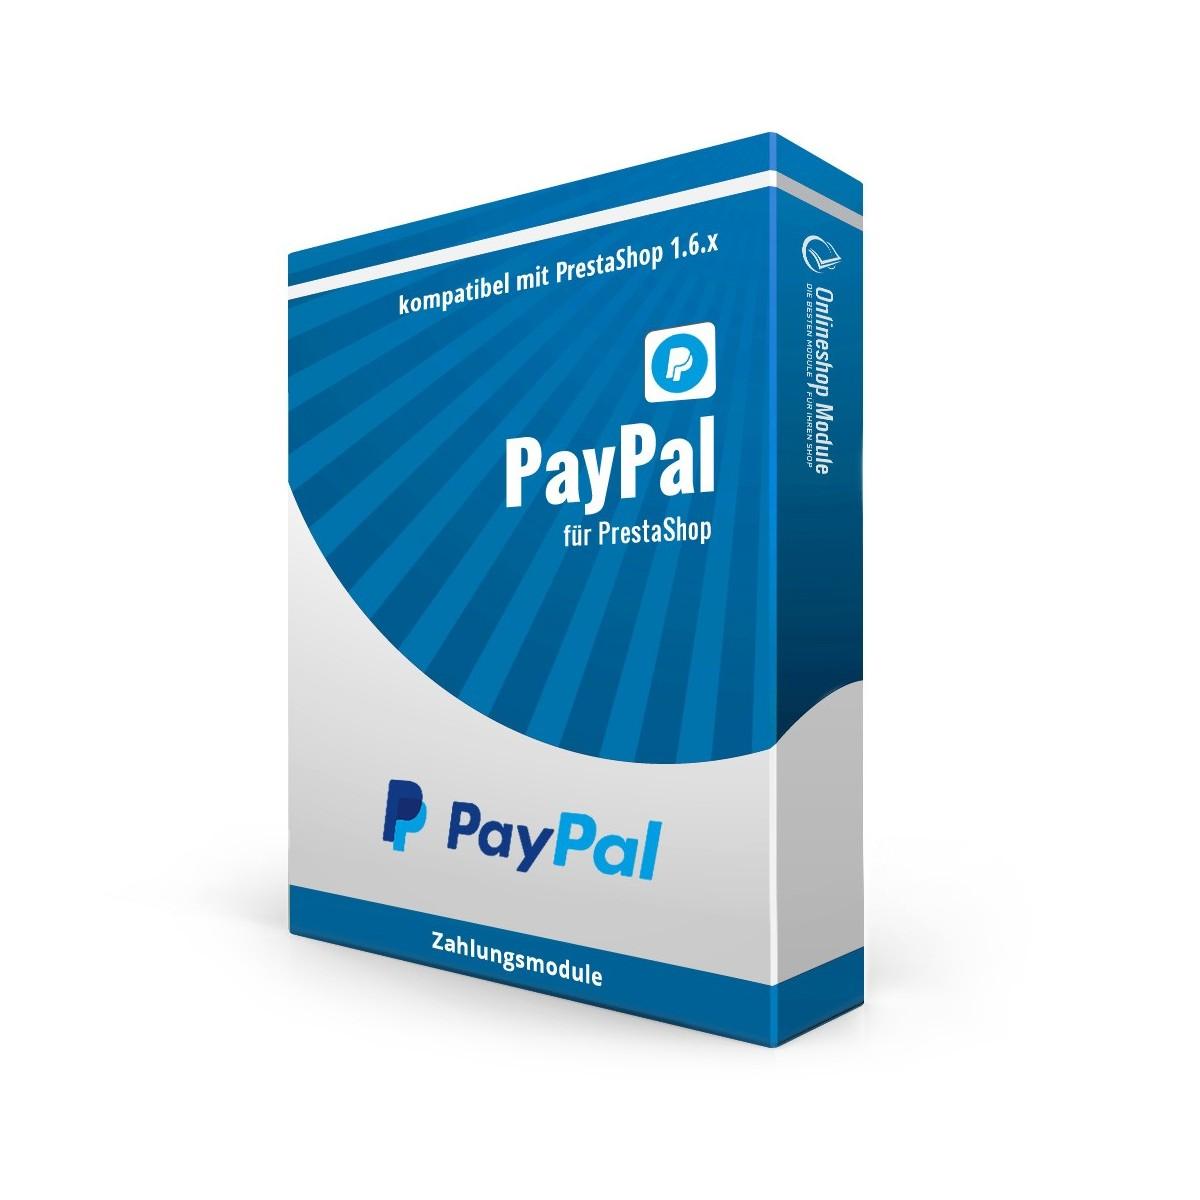 PayPal für PrestaShop 1.6